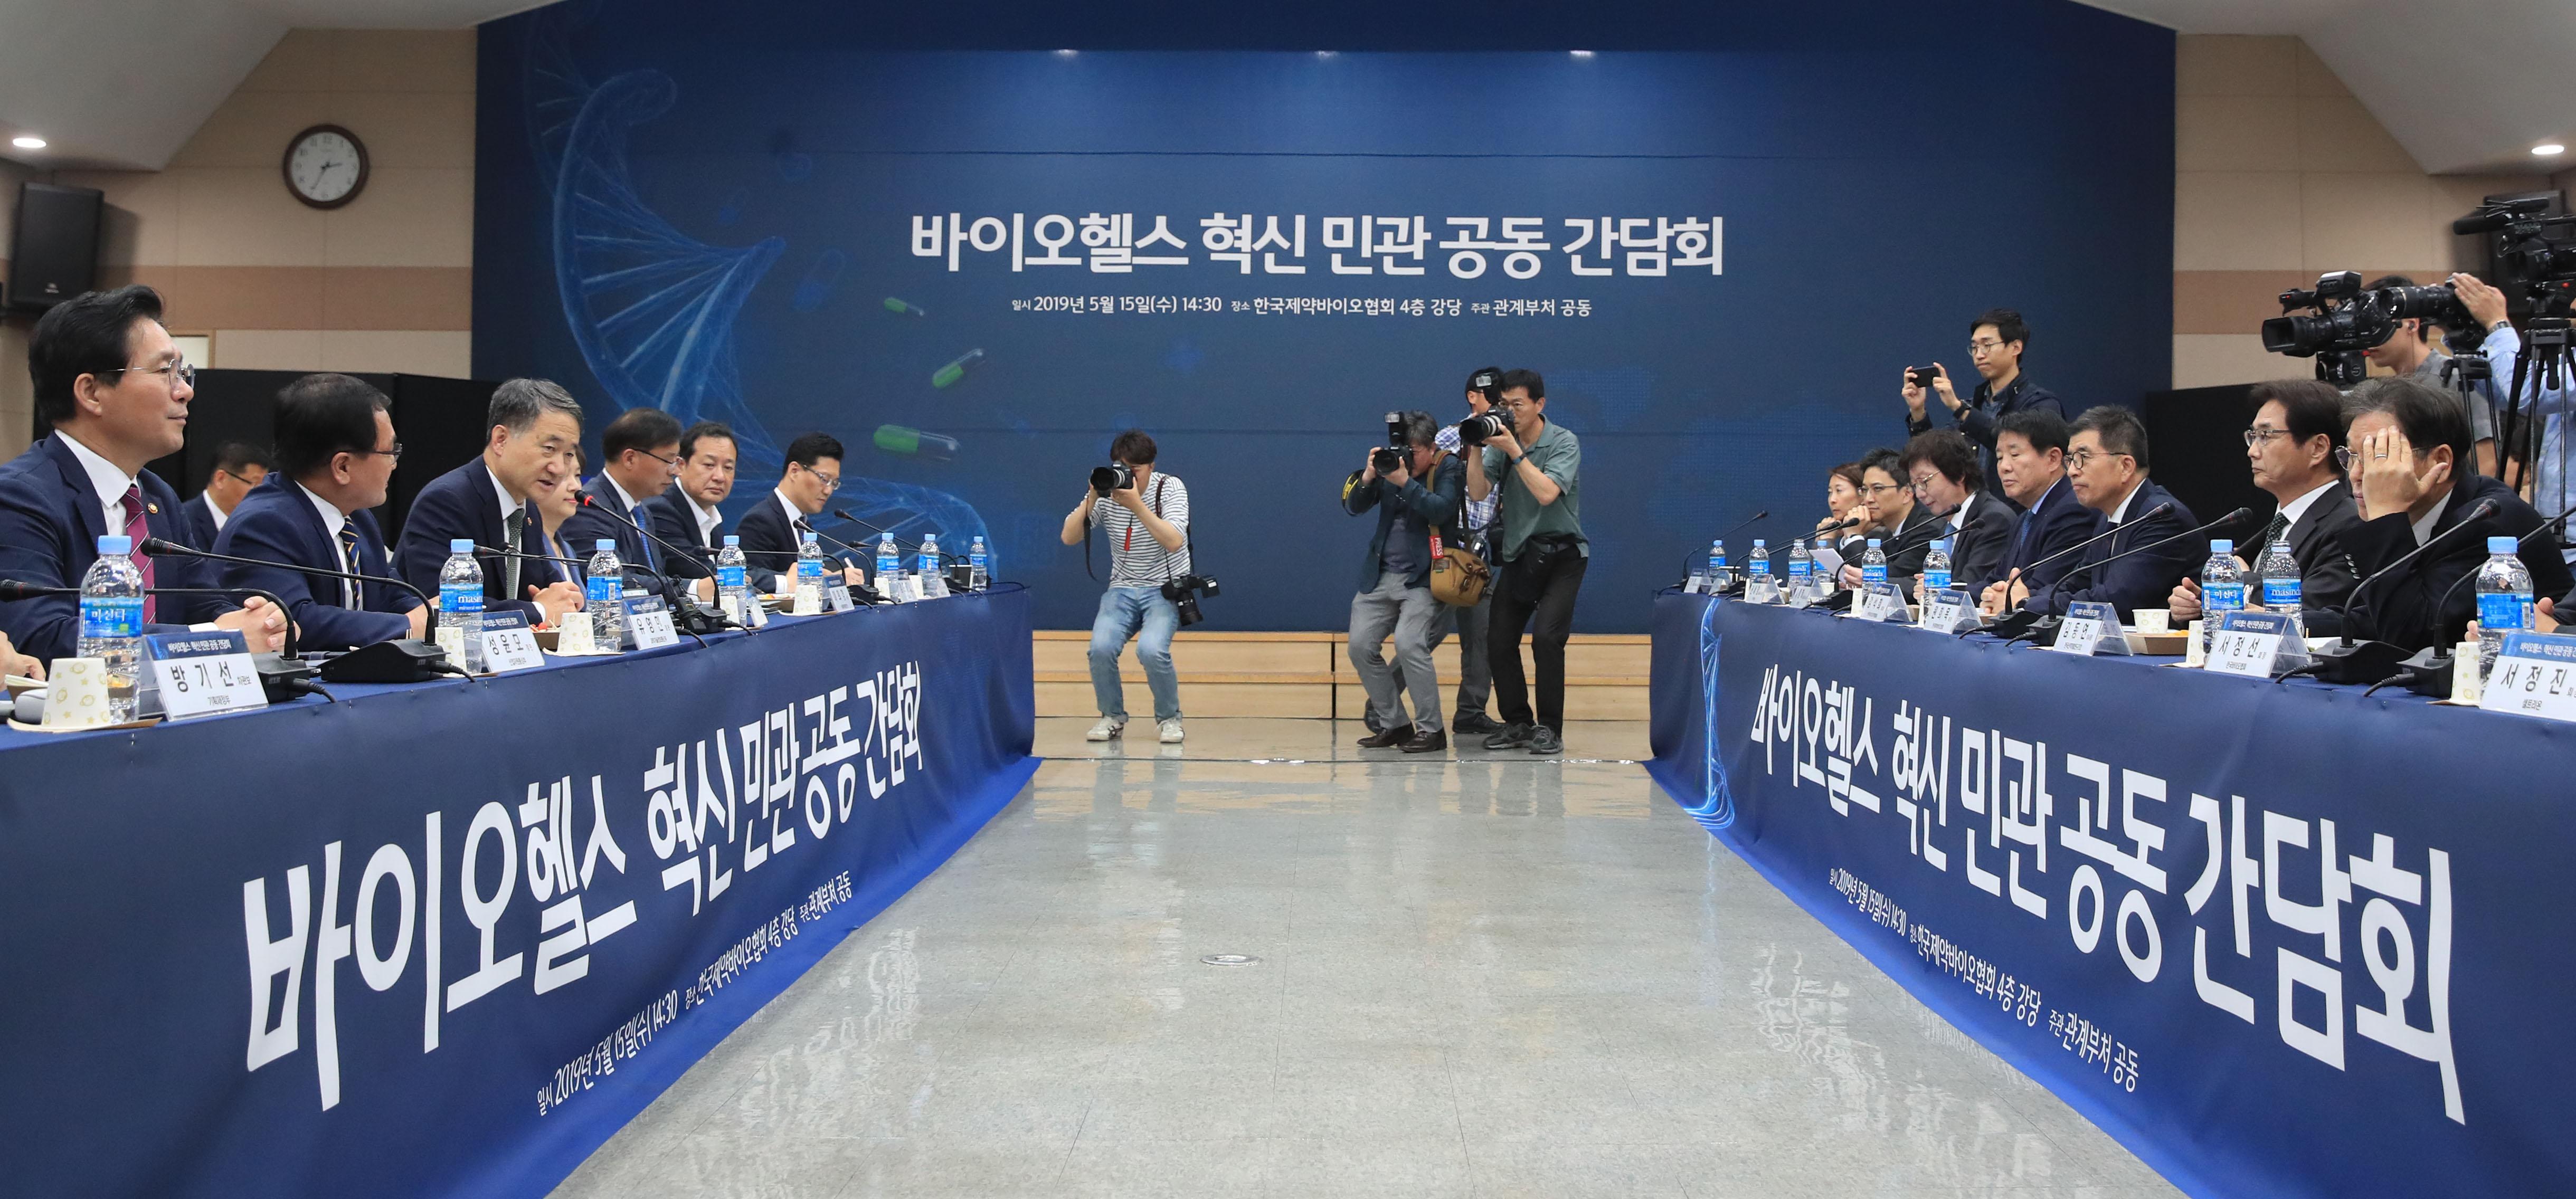 서울 서초동 한국제약바이오협회에서 바이오헬스 혁신 민관 공동간담회가 열렸다. 박능후 보건복지부 장관이 발언하고 있다. 연합뉴스